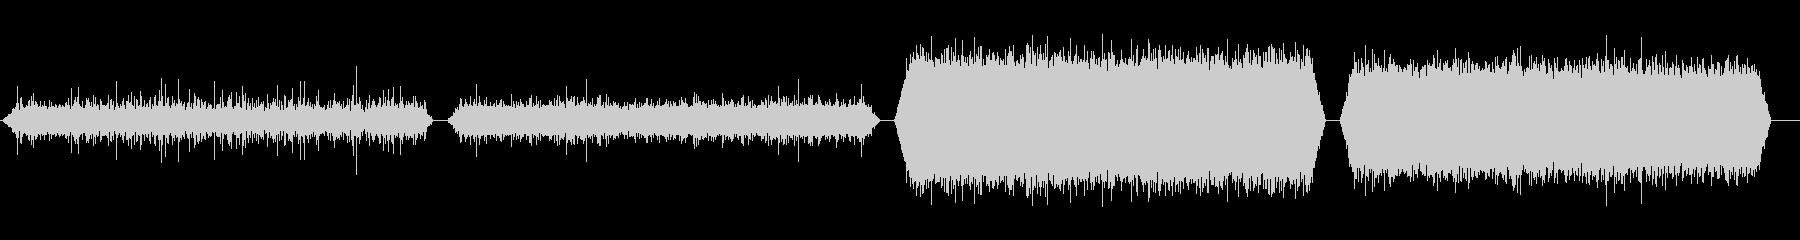 リオ-4バージョンの未再生の波形